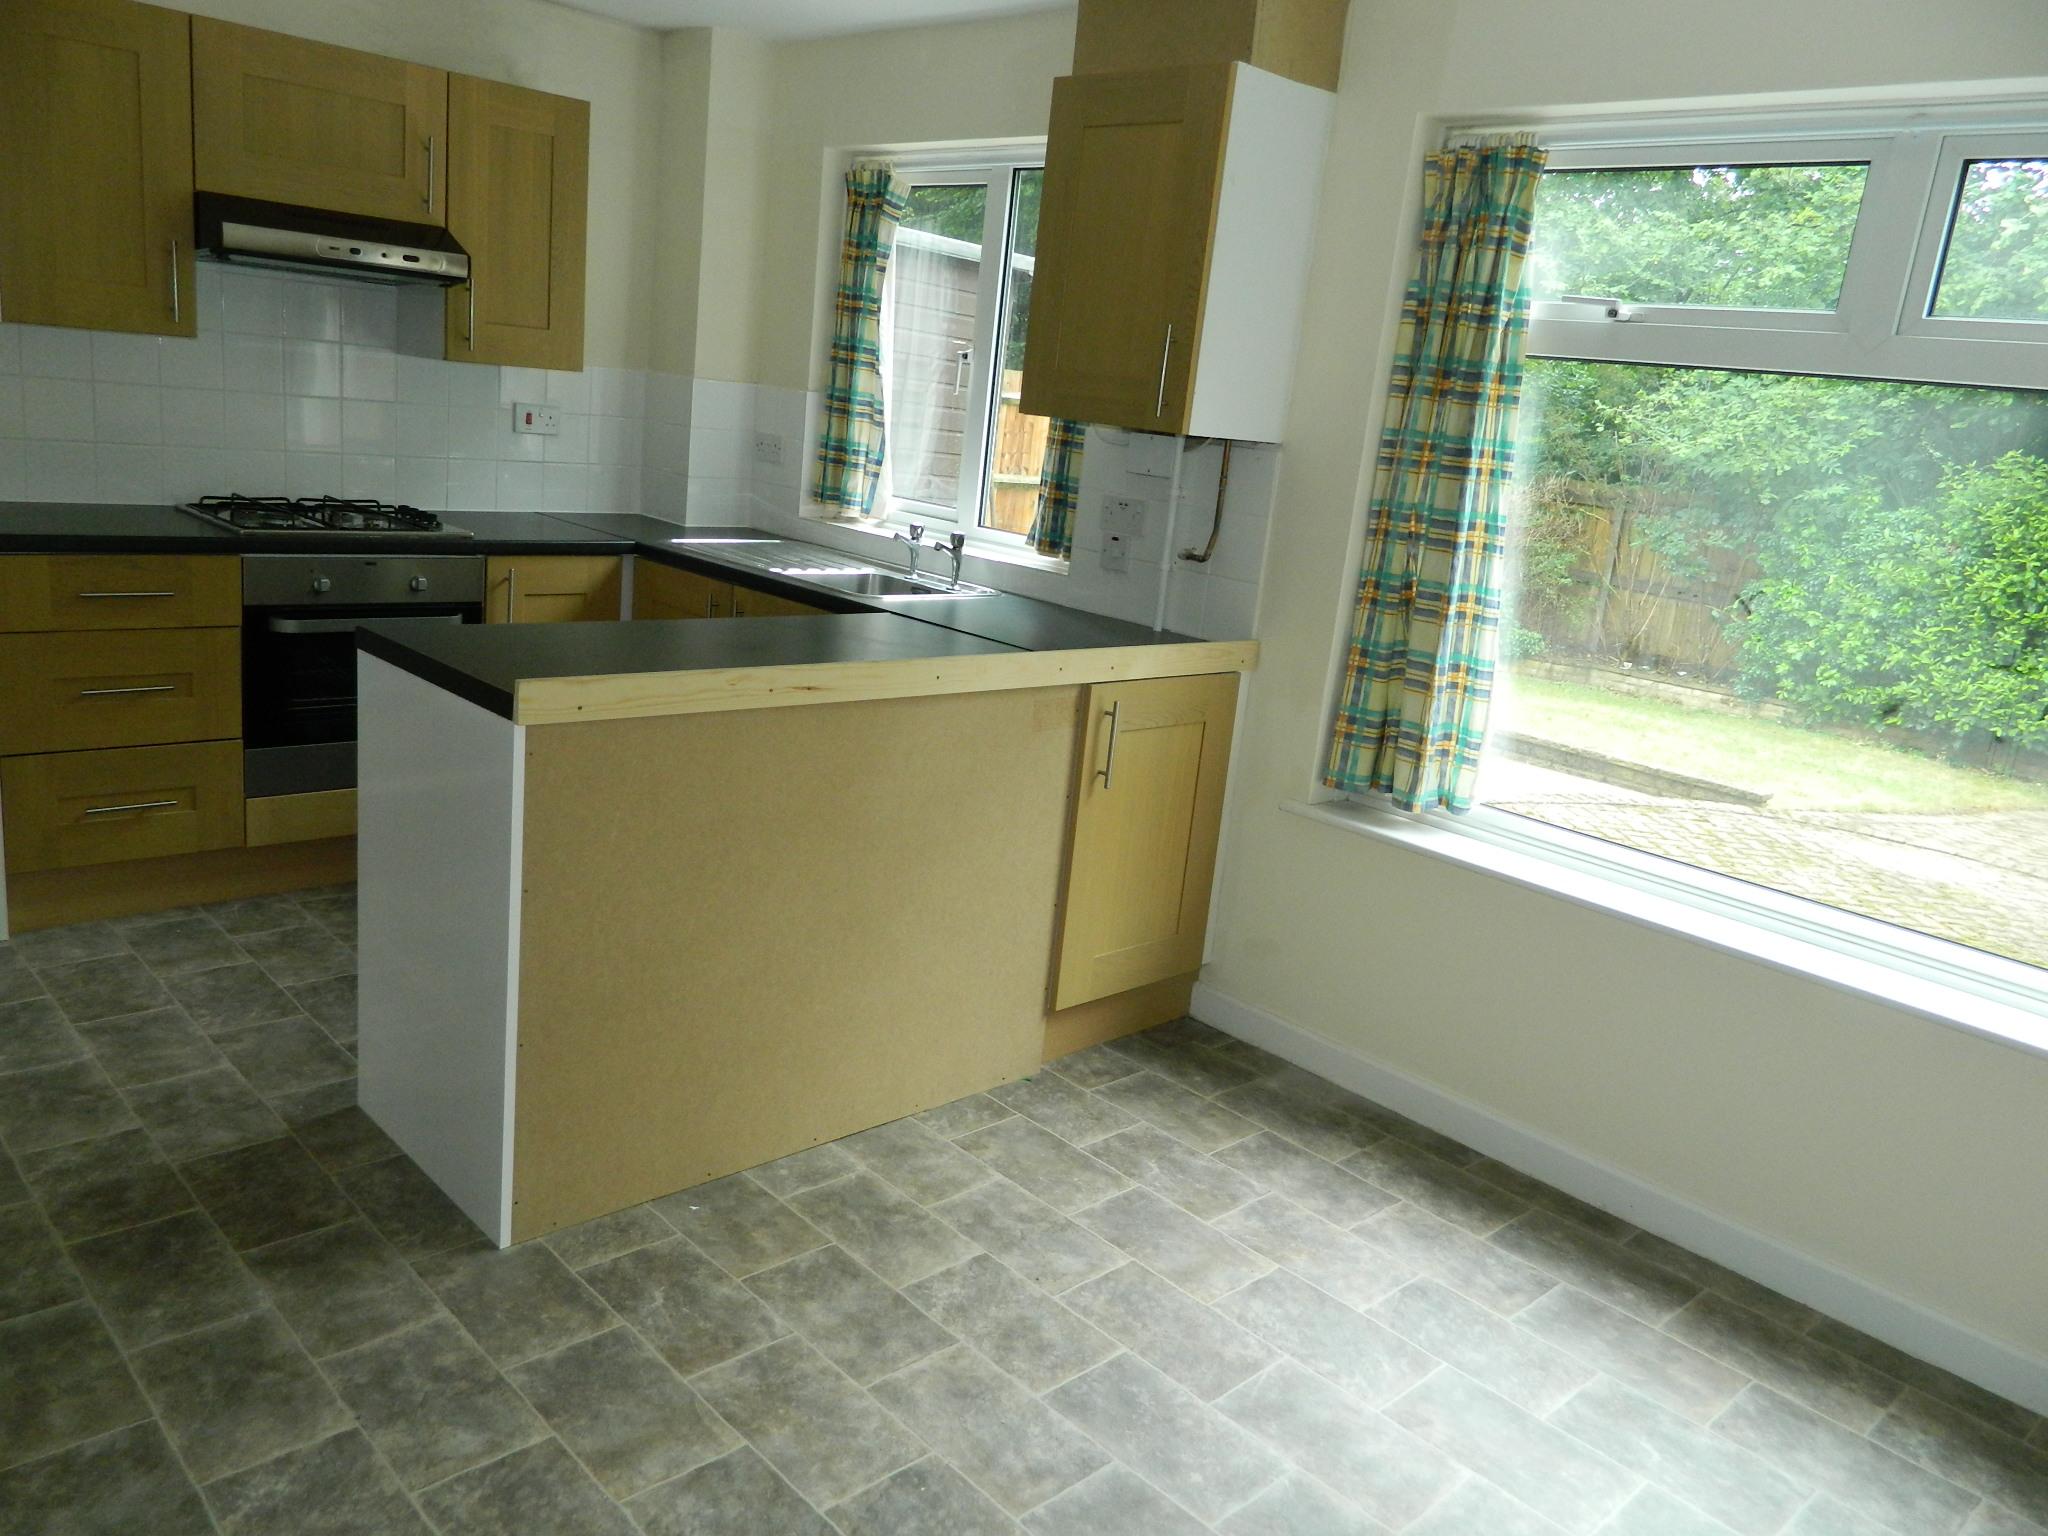 Rent Room Basingstoke Rg